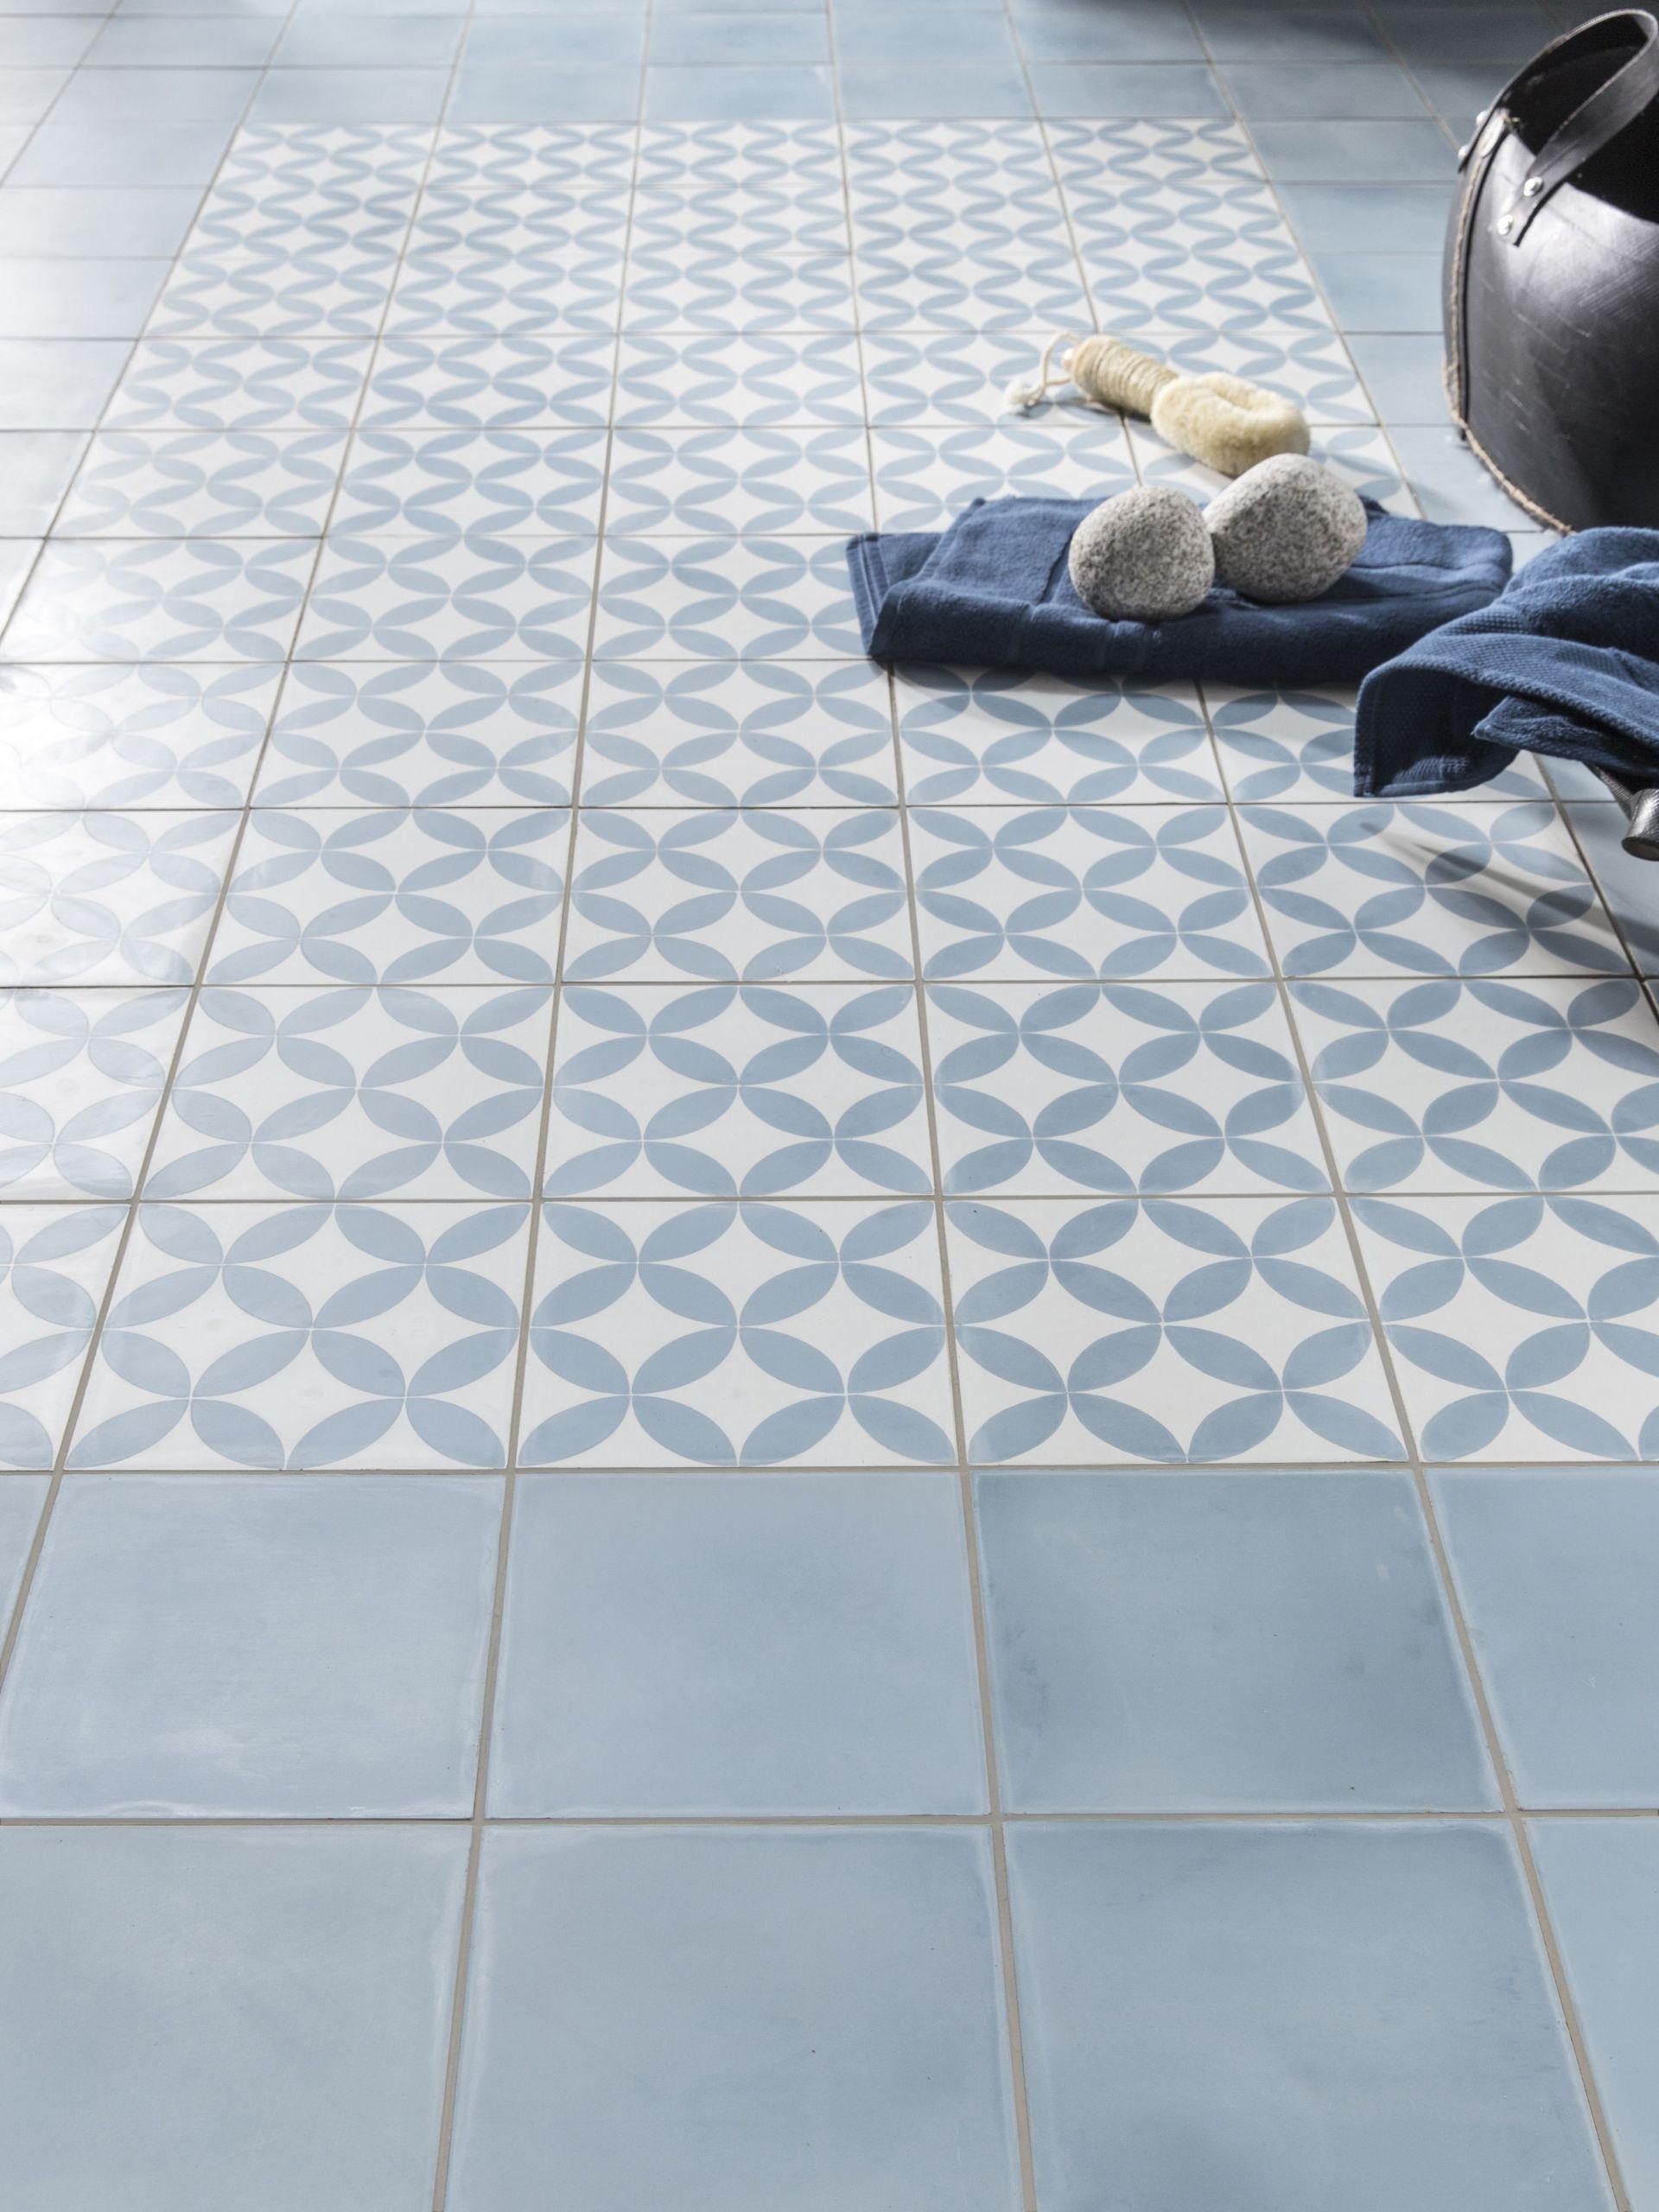 Carrelage Mural Imitation Carreau De Ciment carrelage sol bleu carreau de ciment sol et mur bleu et